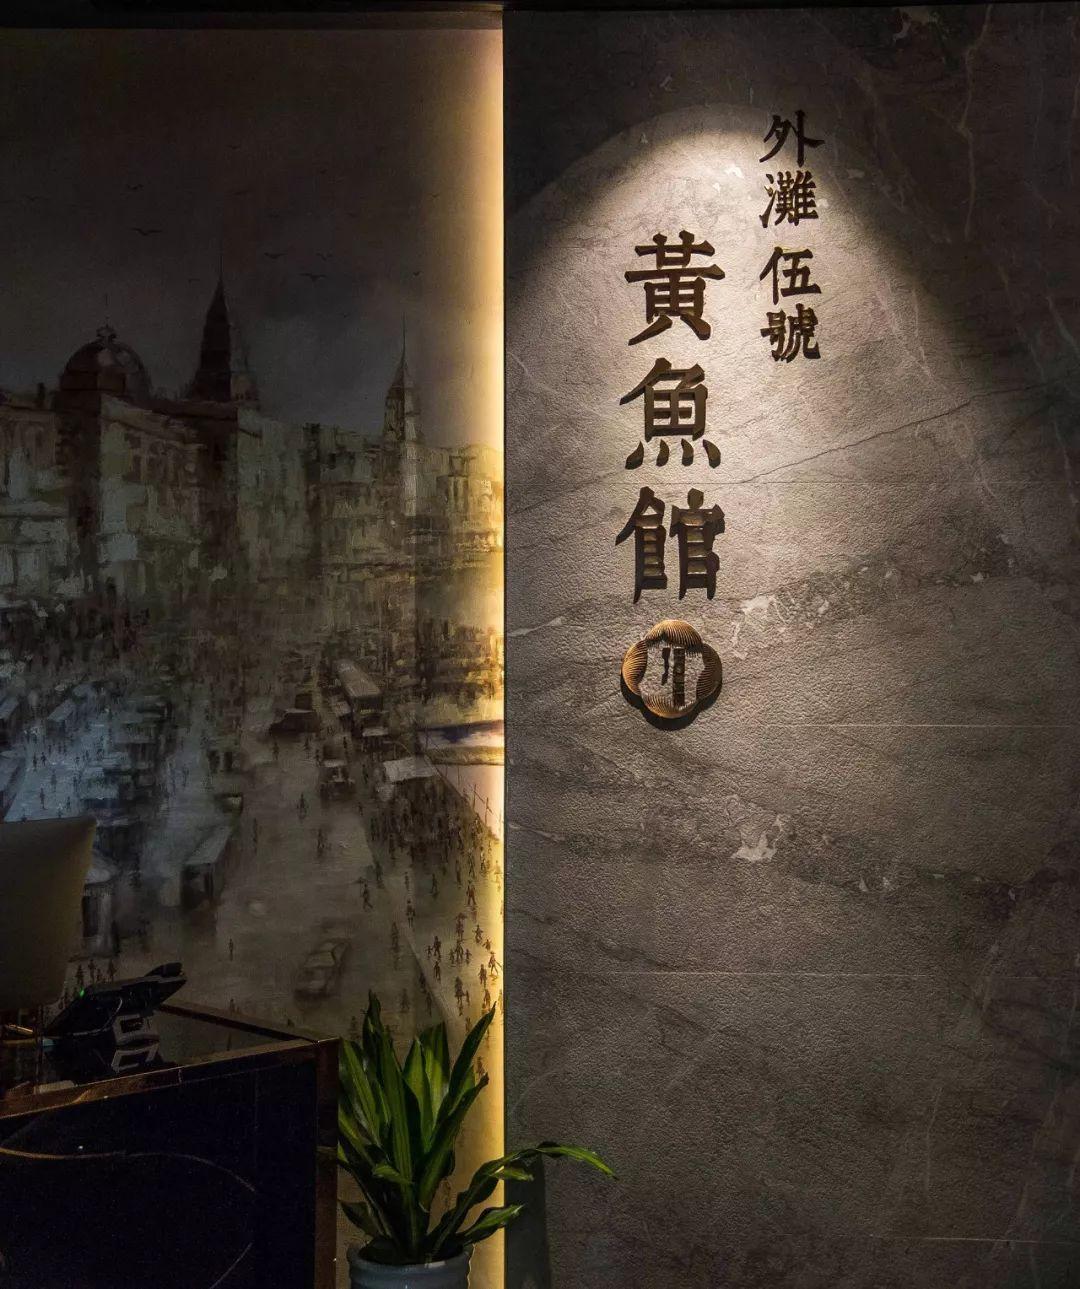 """""""陈赫最""""}""""爱吃的""""}""""佛跳墙""""}""""有多奢""""}""""侈,为""""}""""什么他""""}""""如此痴""""}""""迷?""""}威尼斯人官方"""